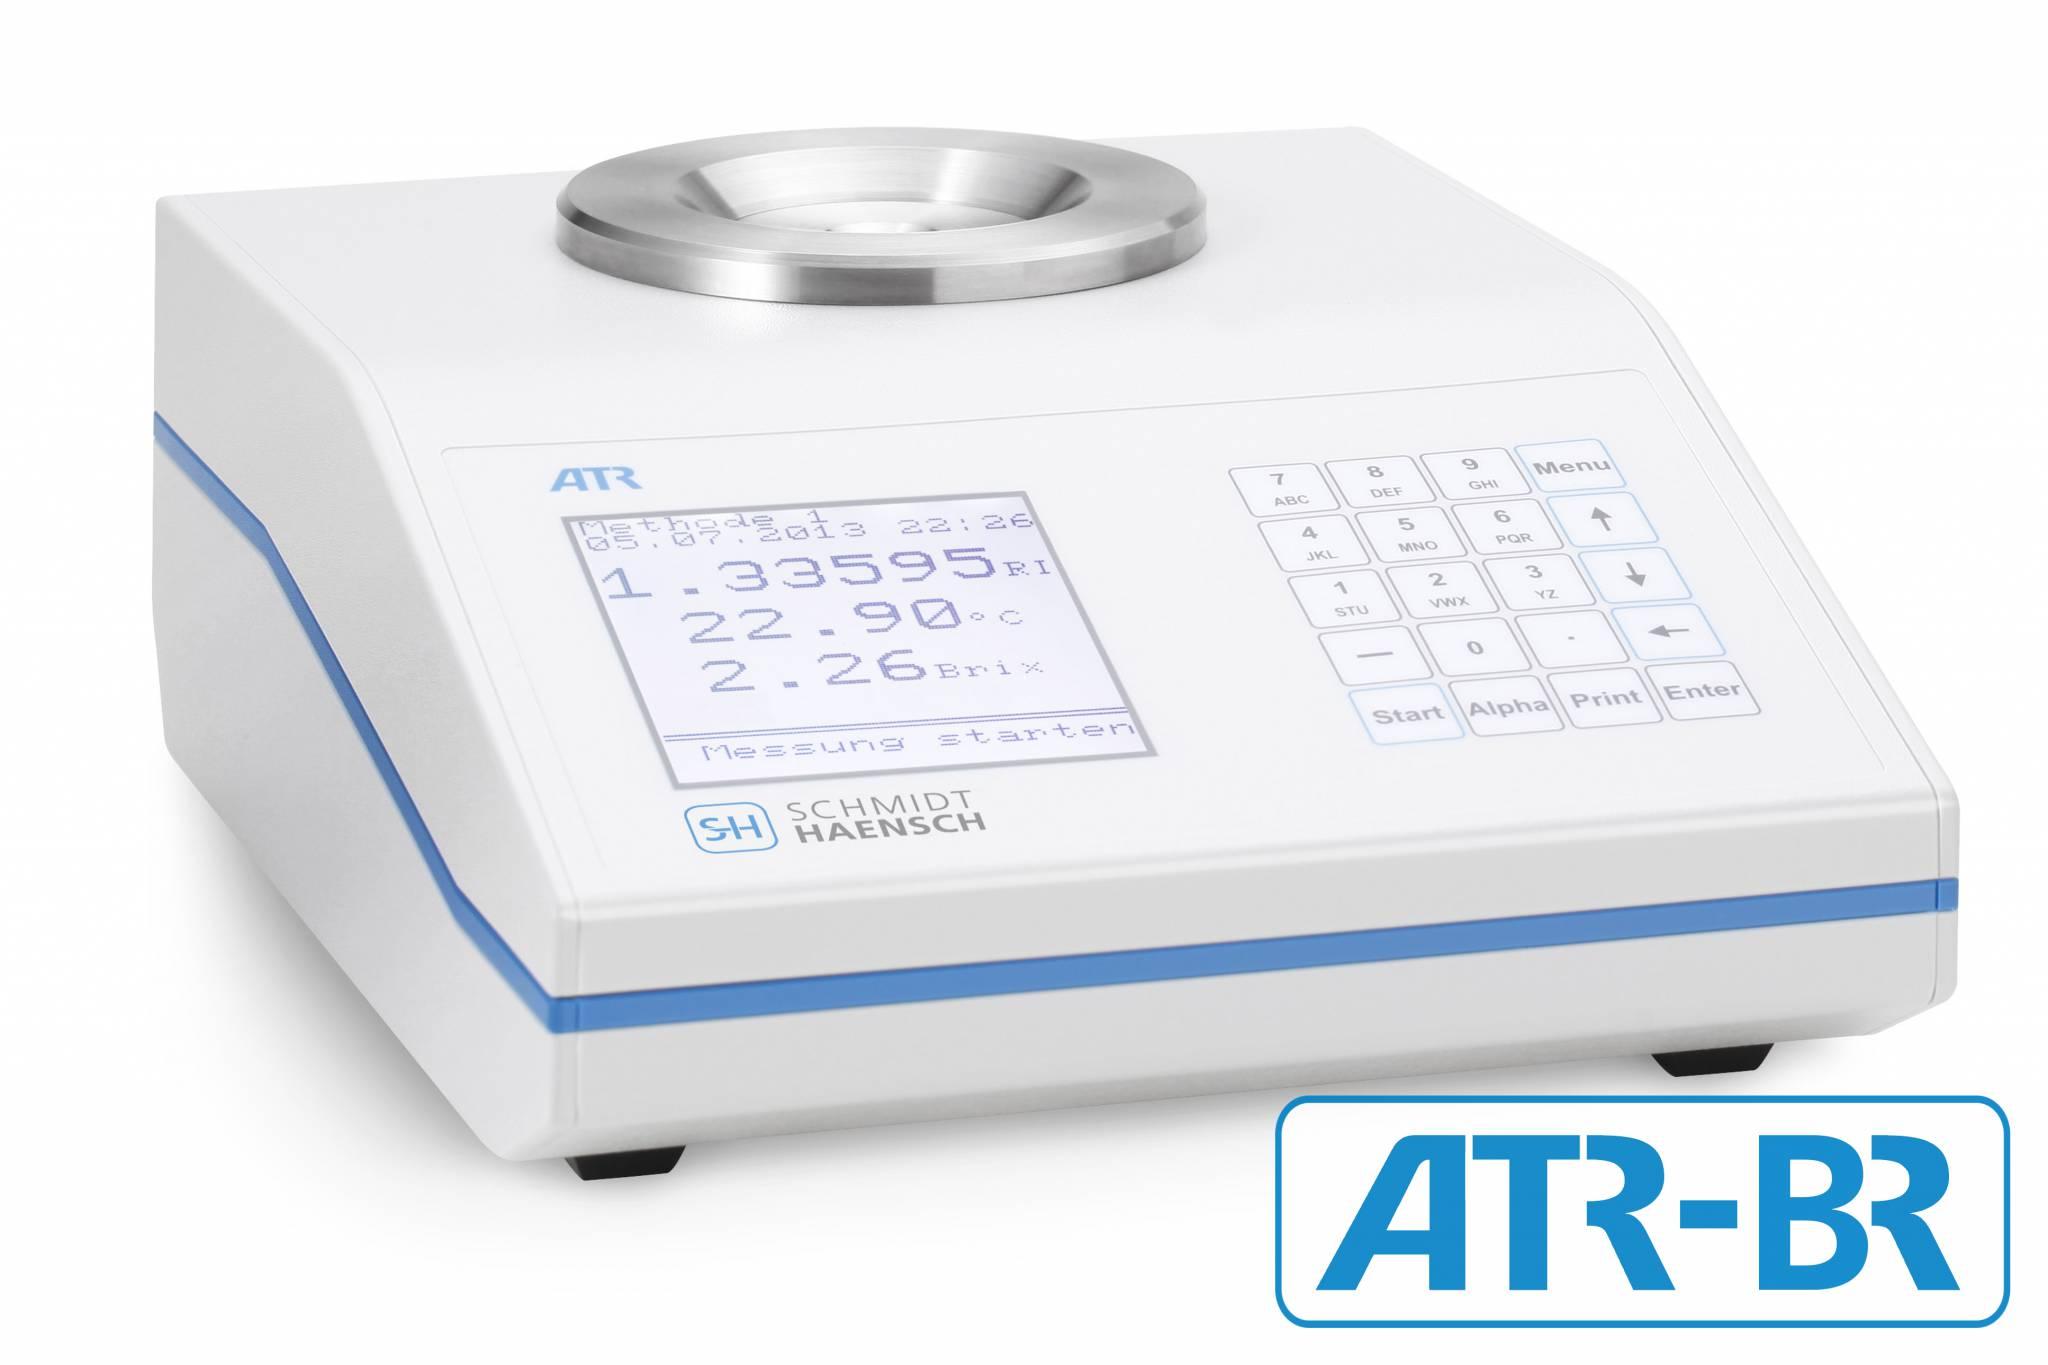 atr-br-1-2048x1365